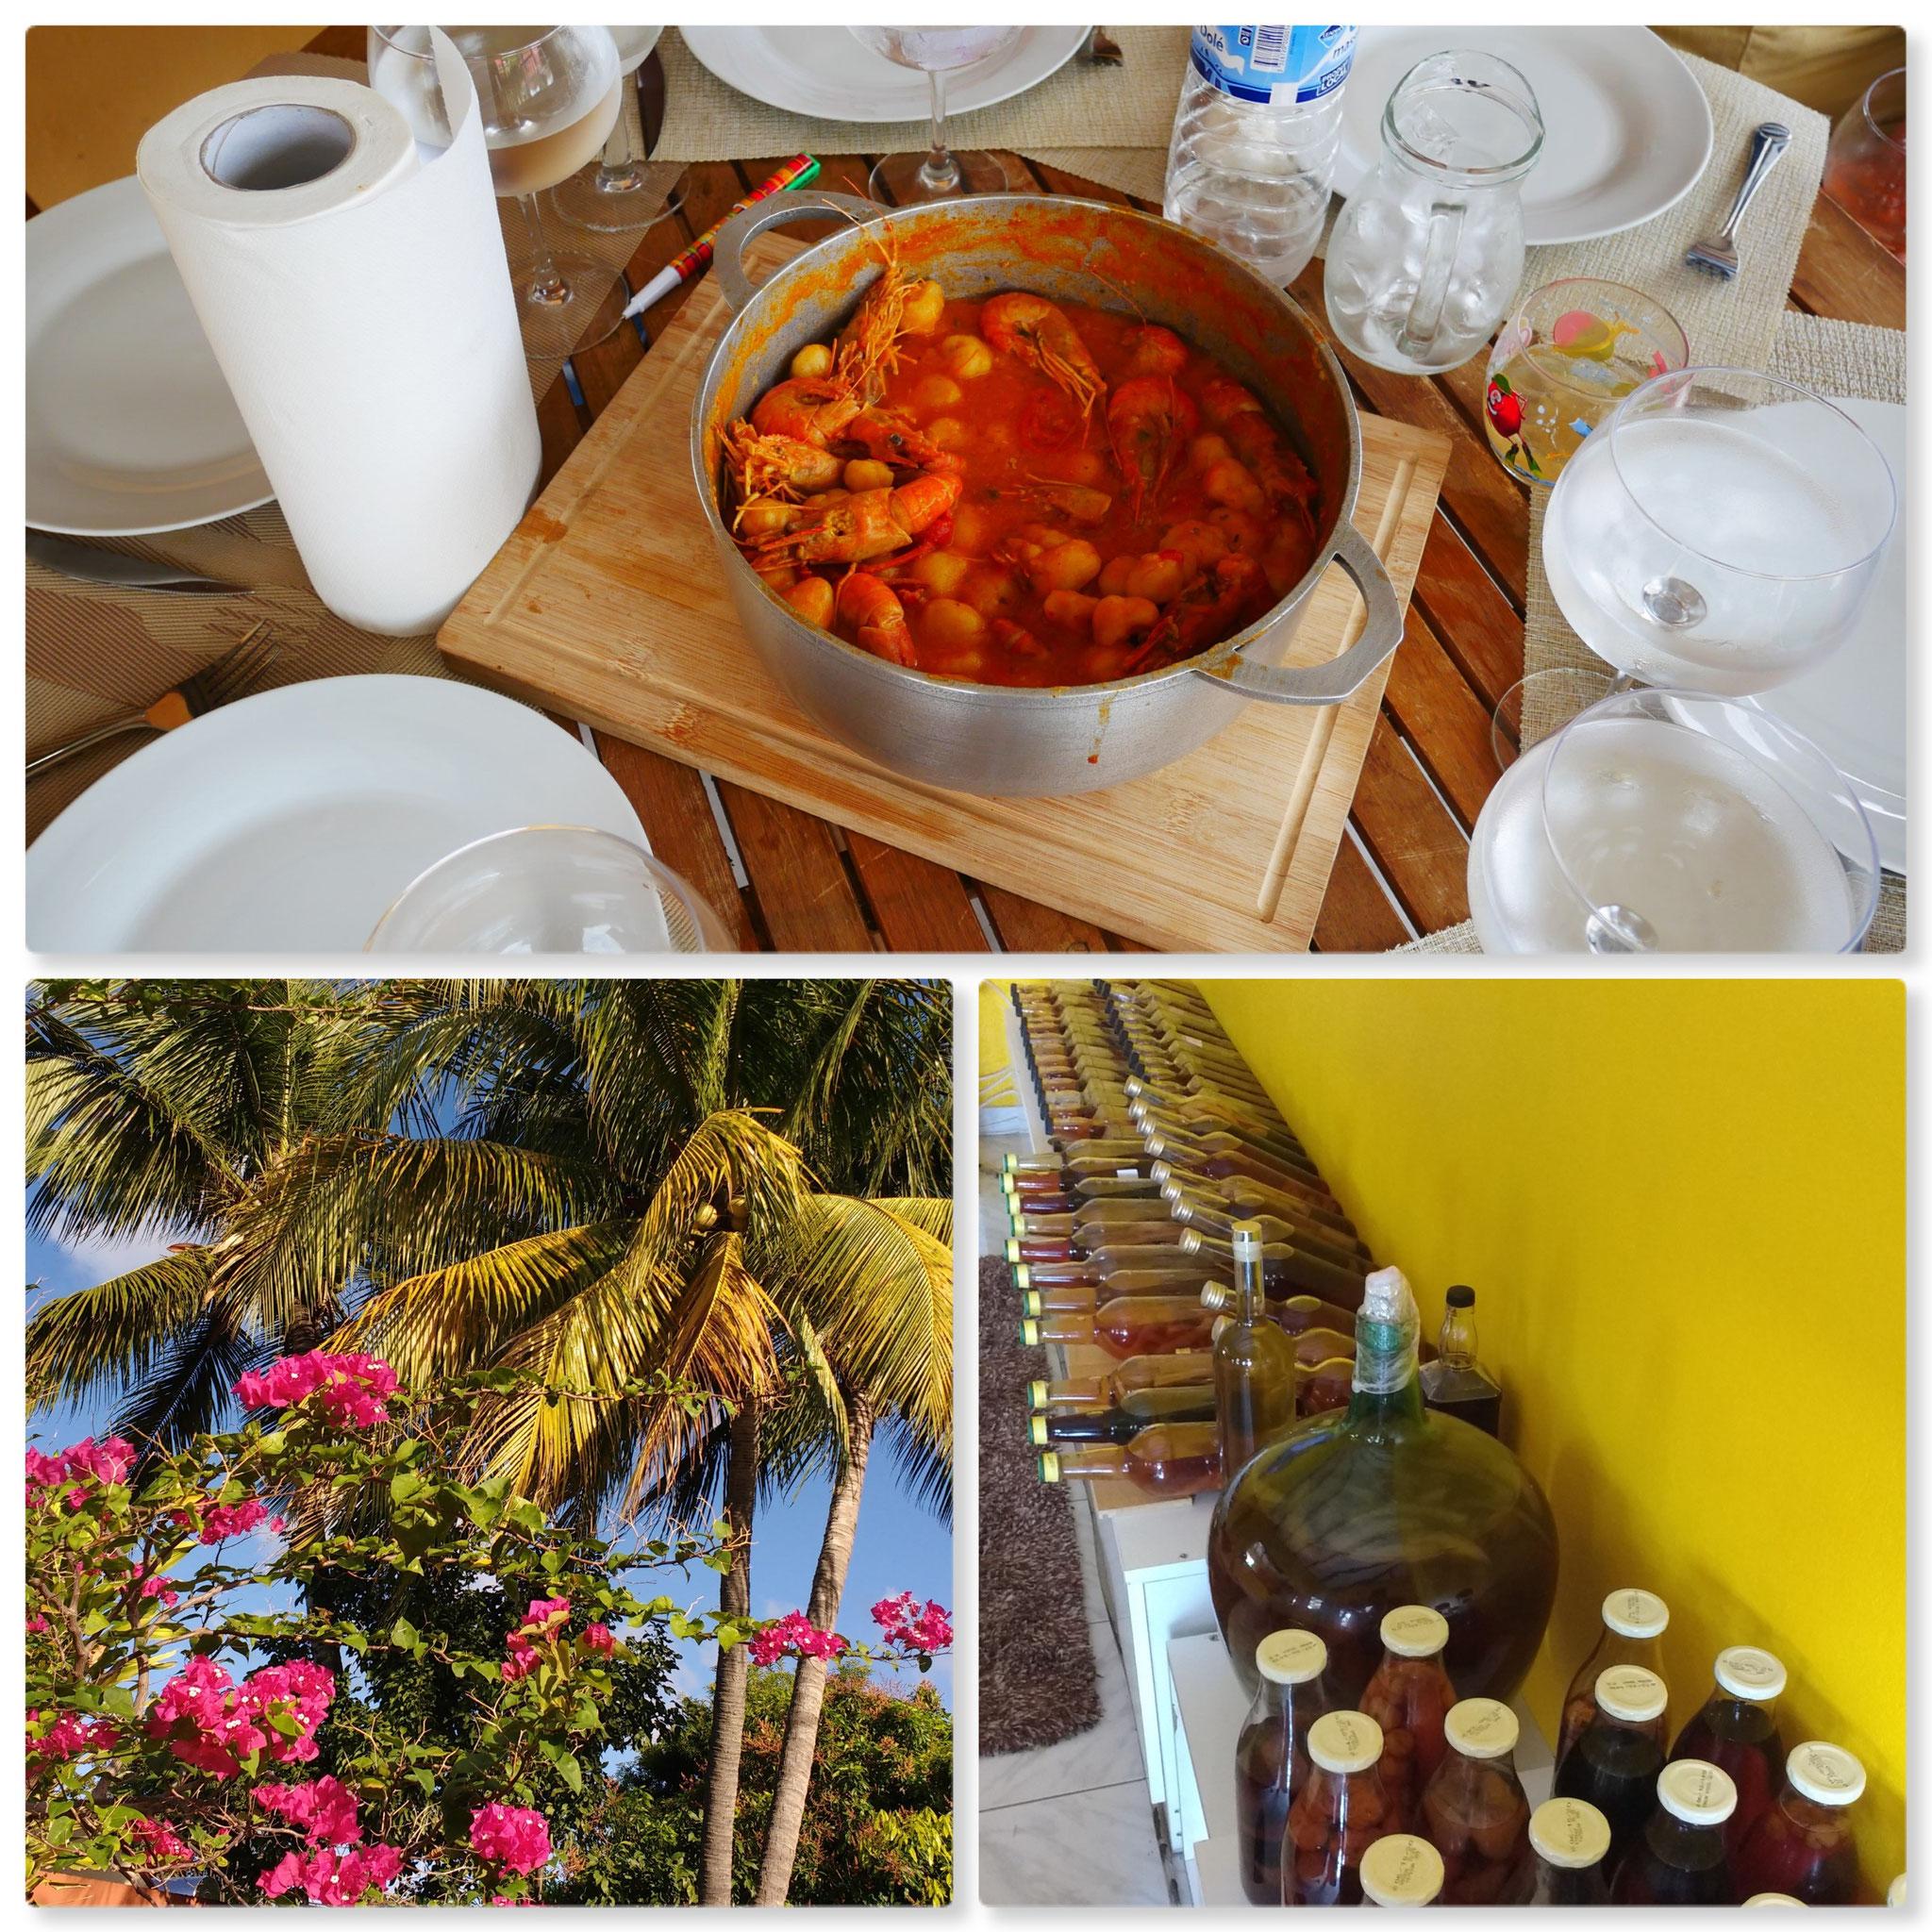 Chez le voisin : déjeuner de ouassous et collection de rhums arrangés